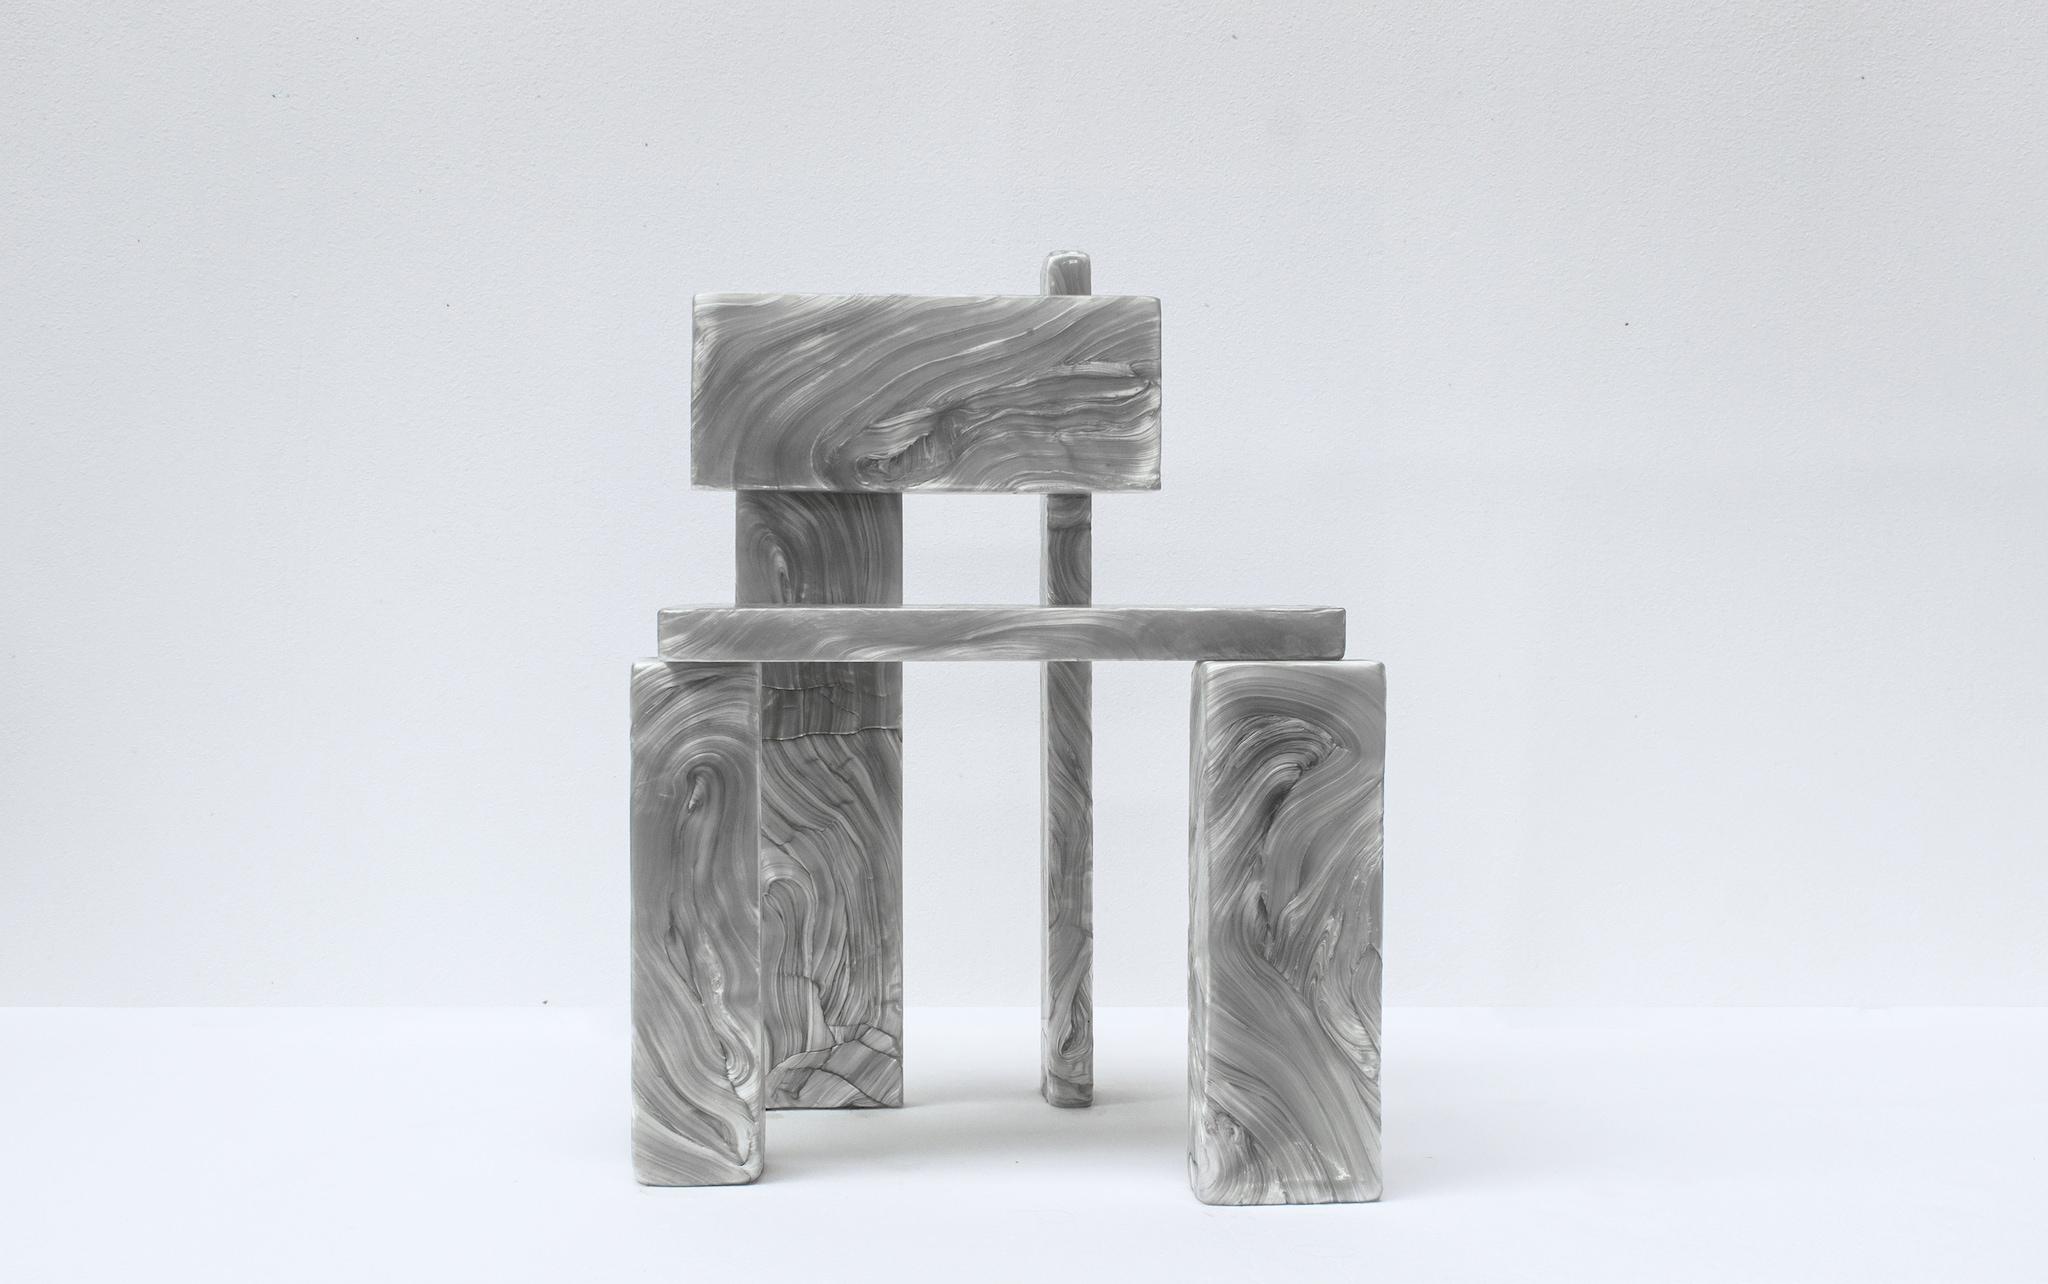 Sedia Mother of Pearl, in policarbonato riciclato, MARTEN & JOOST per Galerie Philia (edizione limitata di 10 pezzi, 5.500 €).